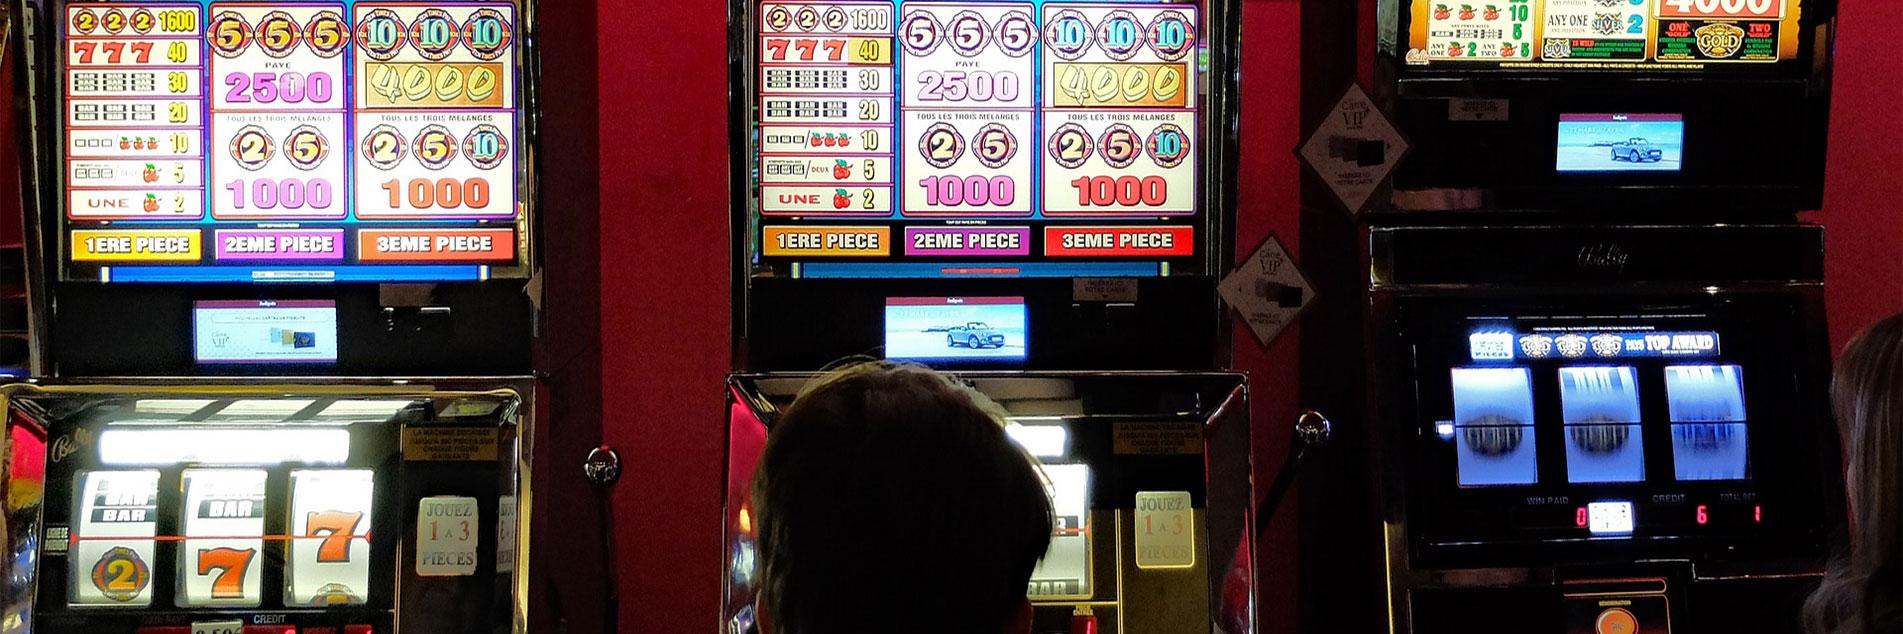 Esitetty kuva 7 musiikkiteemaisten hedelmäpelien etua kasinoissa - 7 musiikkiteemaisten hedelmäpelien etua kasinoissa